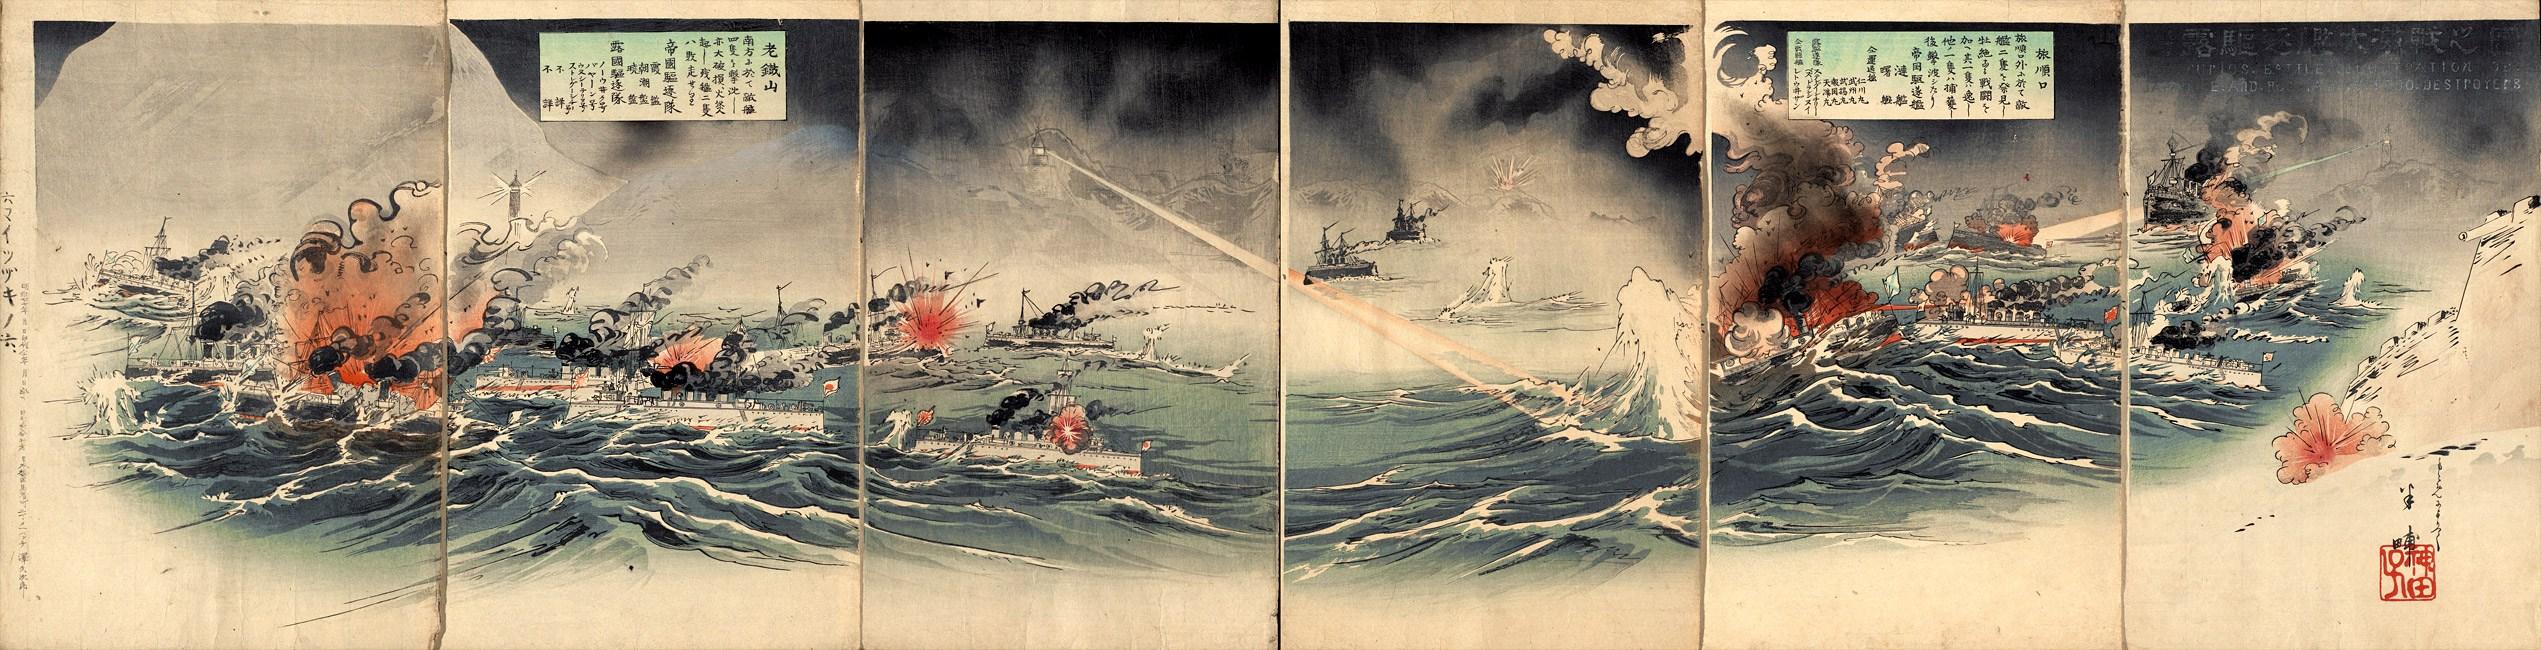 A Port Arthur elleni támadás egy korabeli japán metszeten.